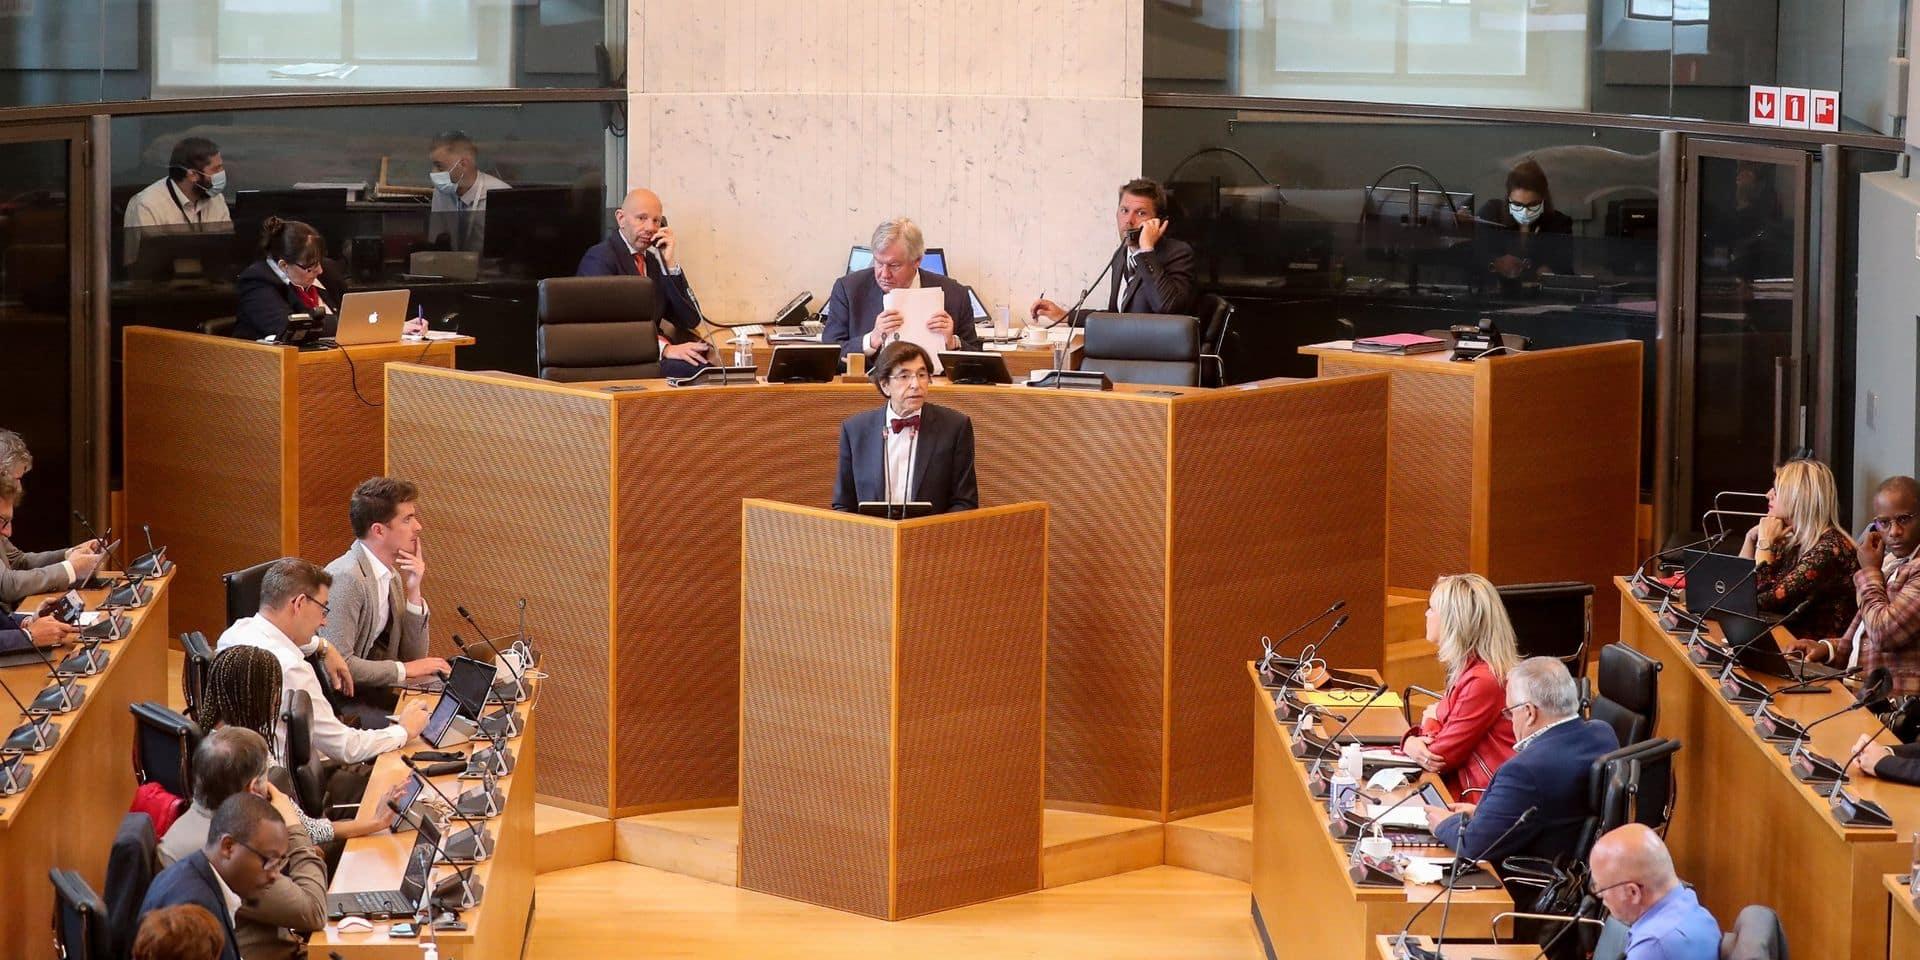 Le Parlement de Wallonie se penche sur un ajustement budgétaire plombé par la crise